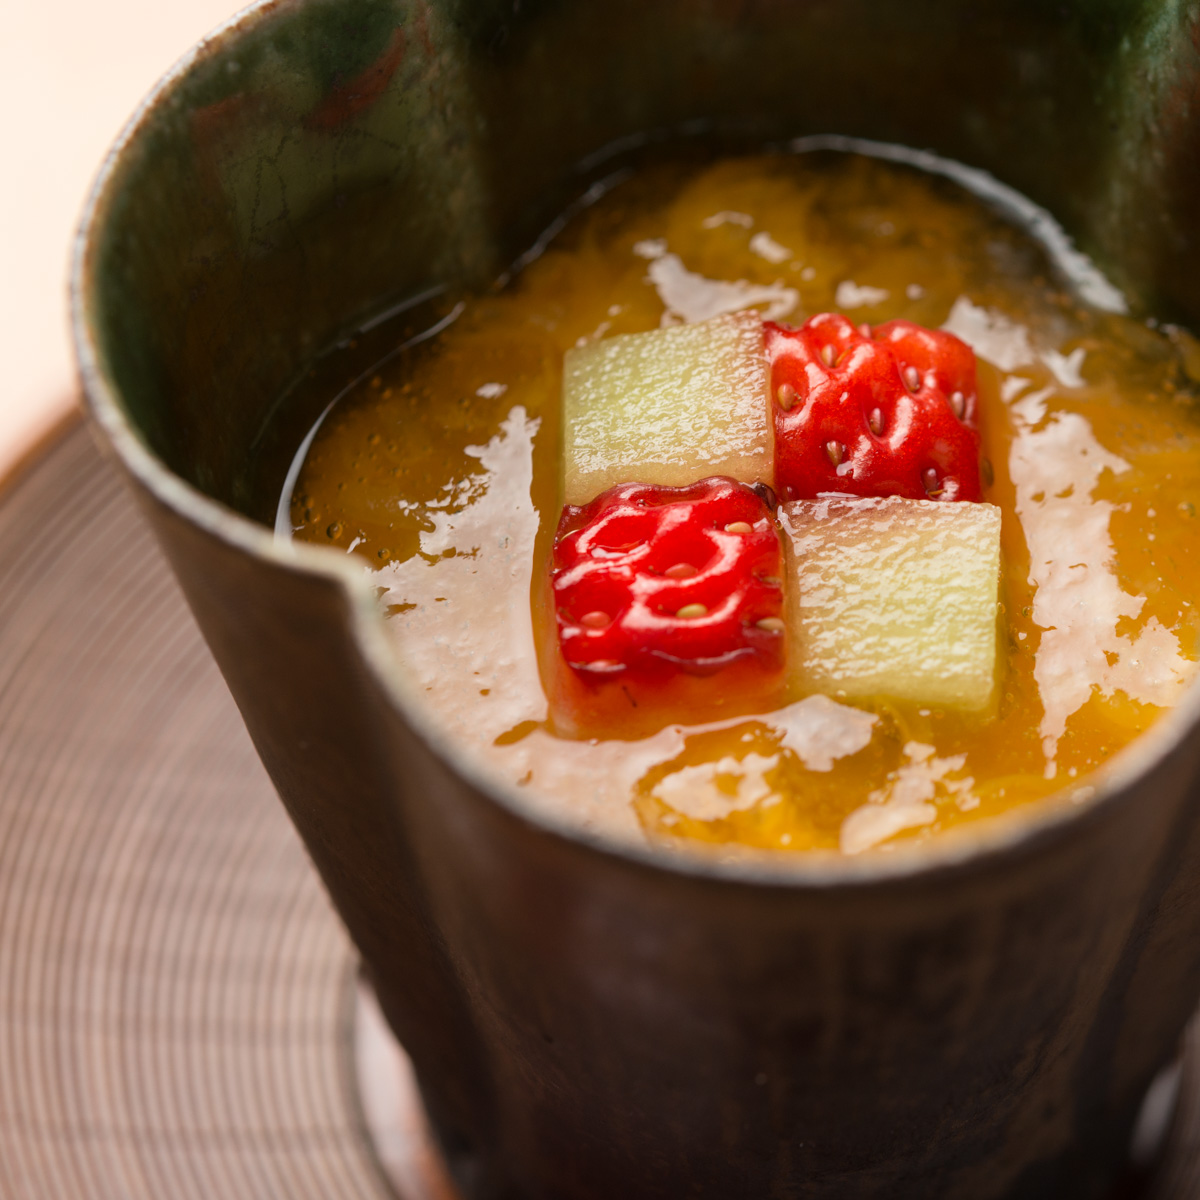 甘味|苺のムースとせとかオレンジのジュレ